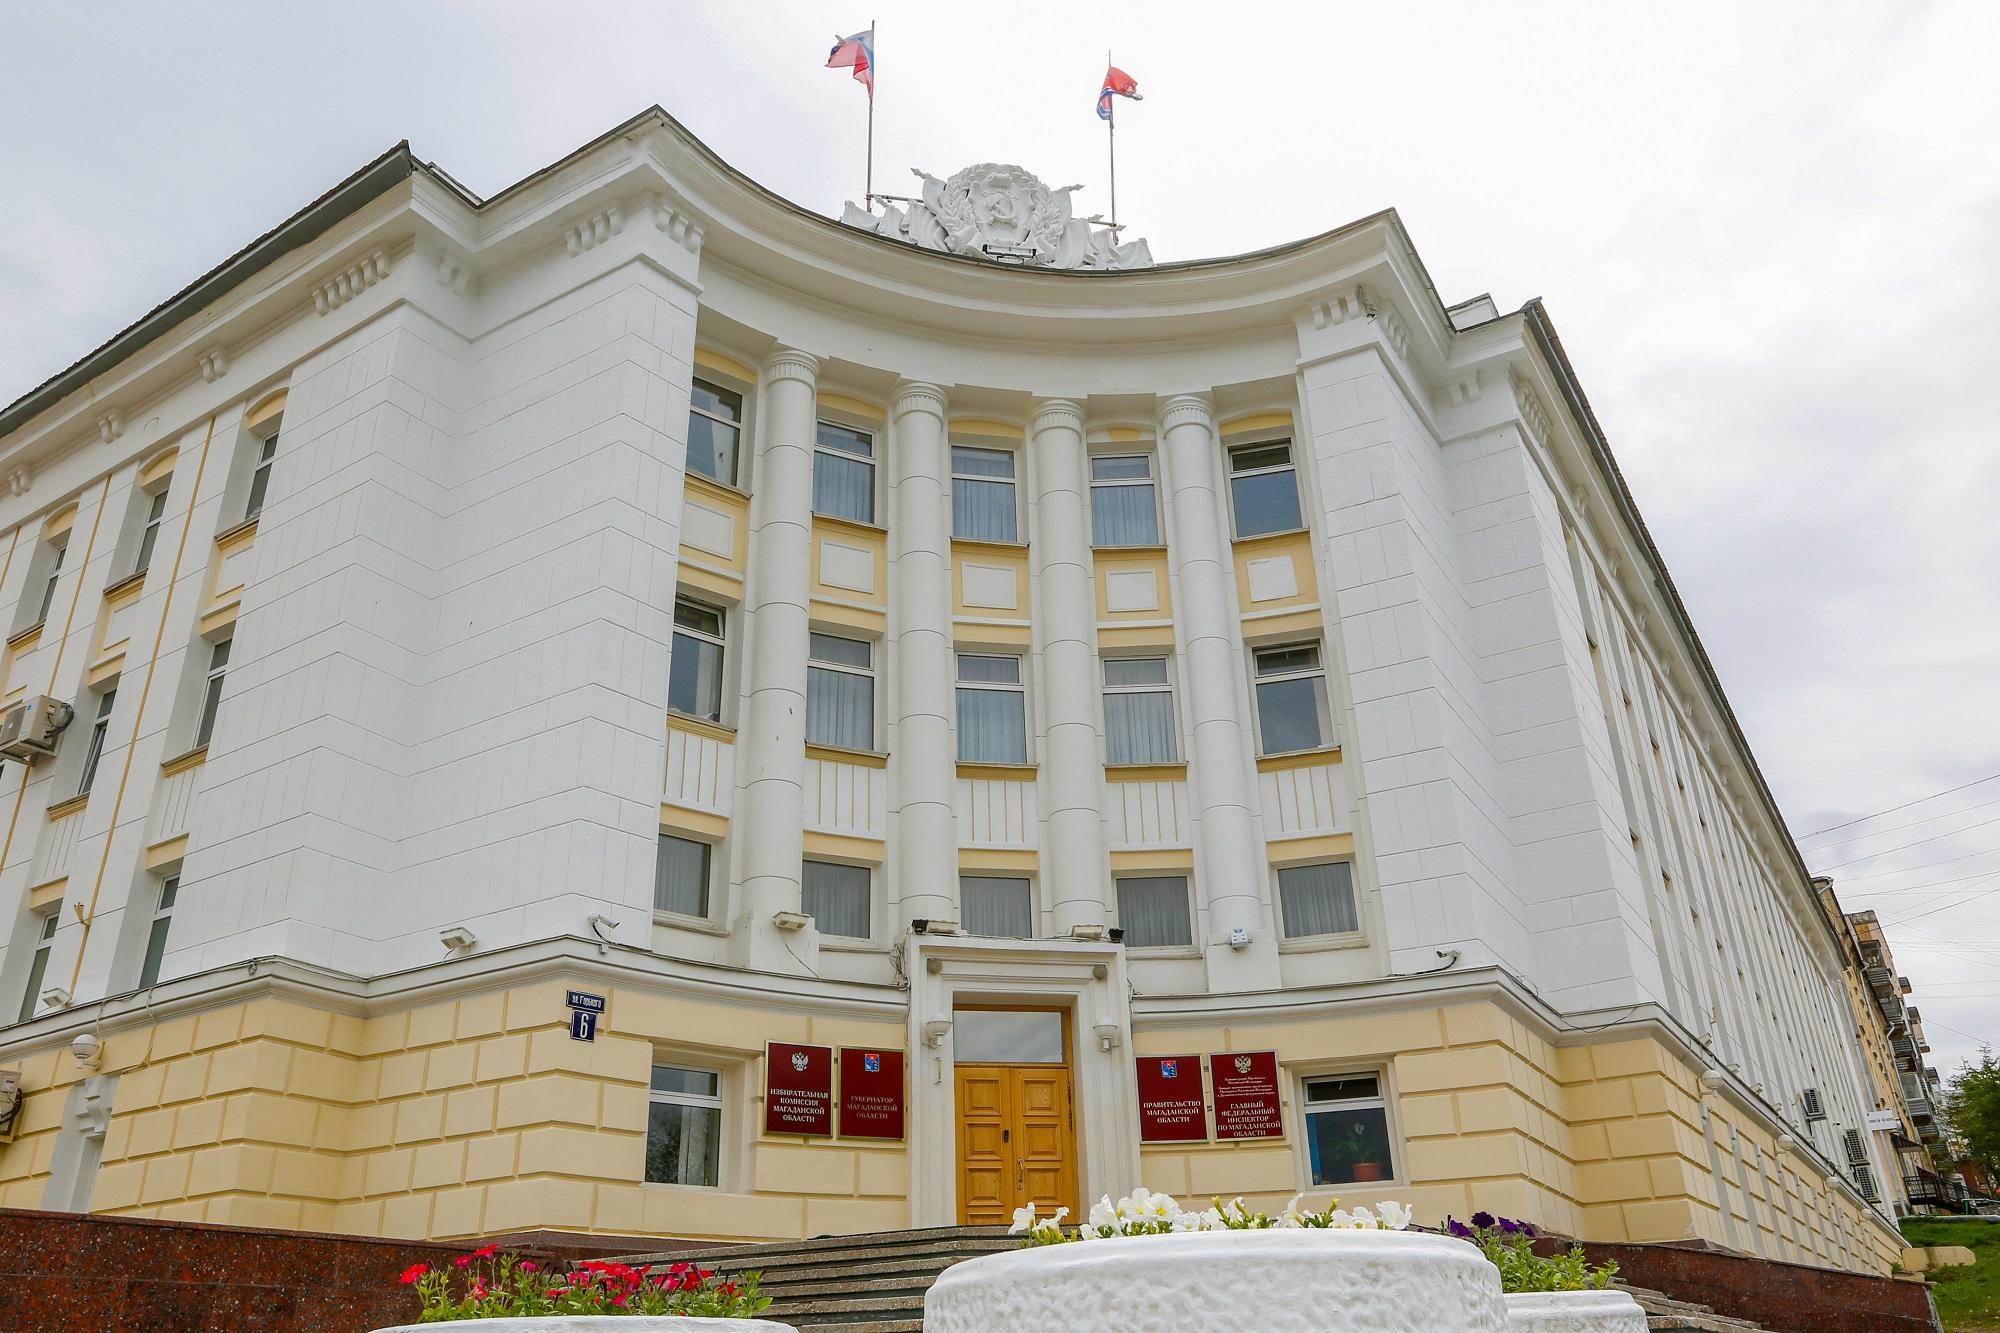 Итоги рабочей поездки губернатора в Тенькинский городской округ обсудили на заседании региональной комиссии по чрезвычайным ситуациям